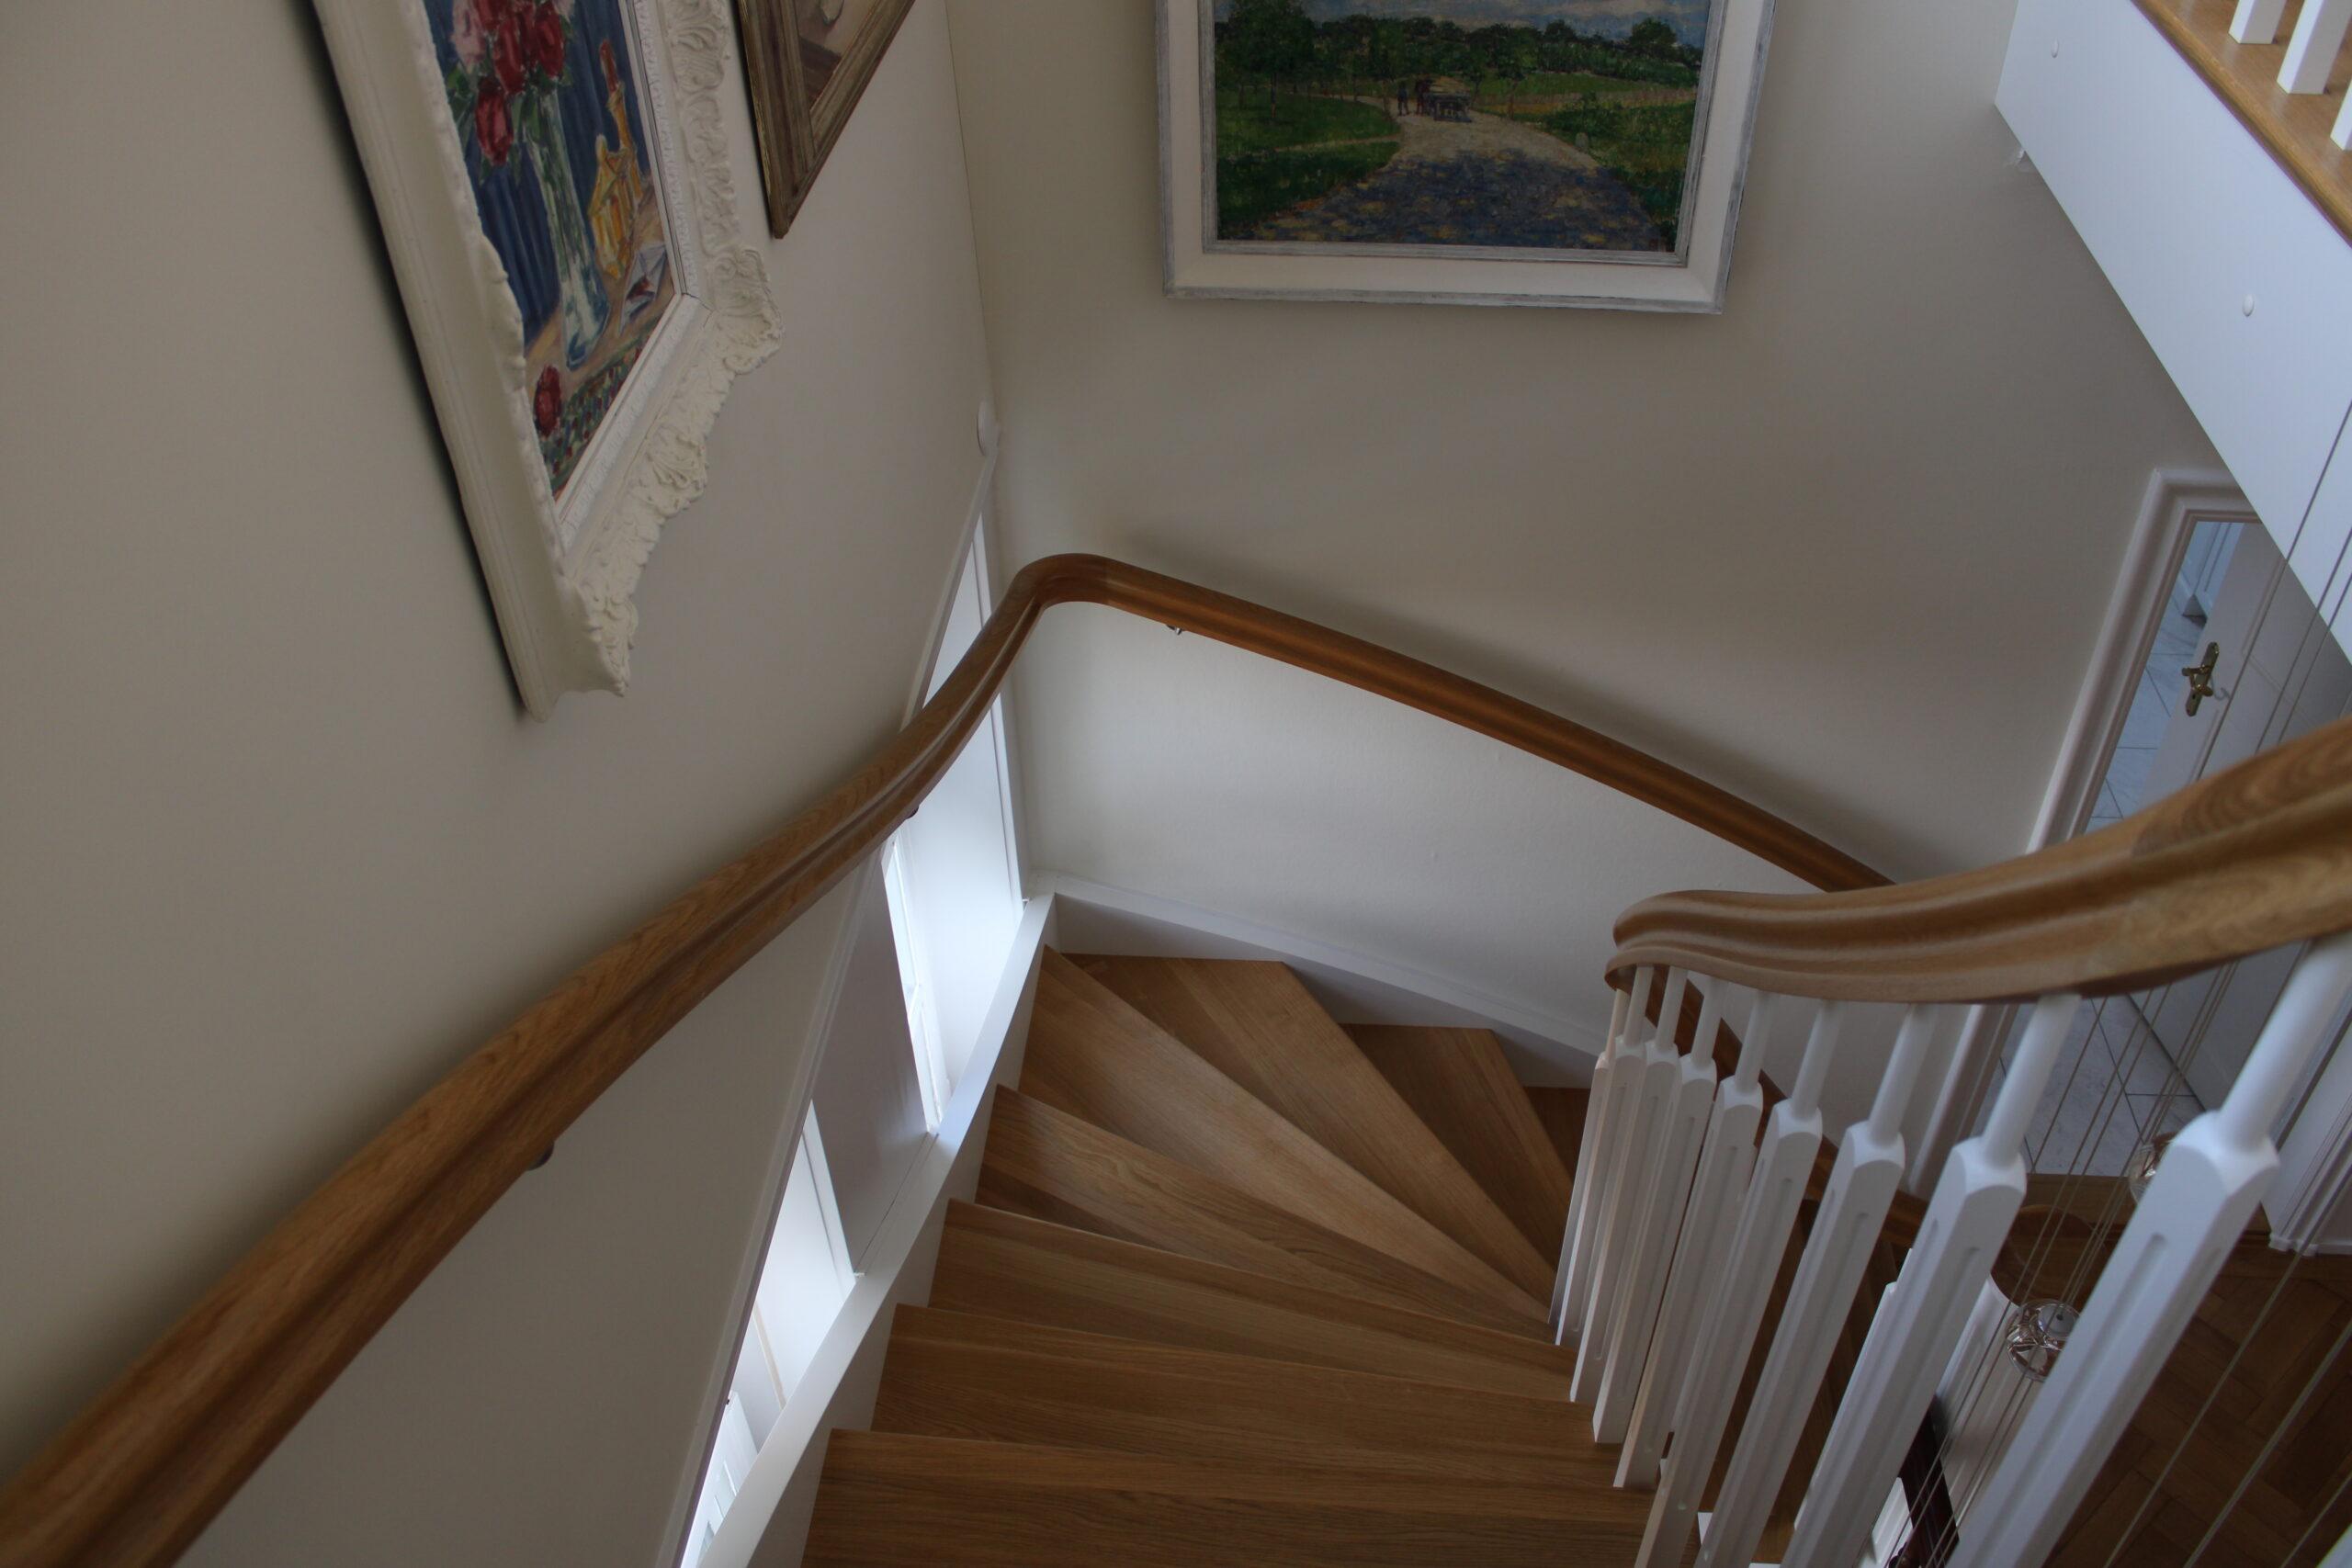 Treppen-Handlauf aus Massiv-Holz von Holz-Werke.ch in Kirchberg SG.